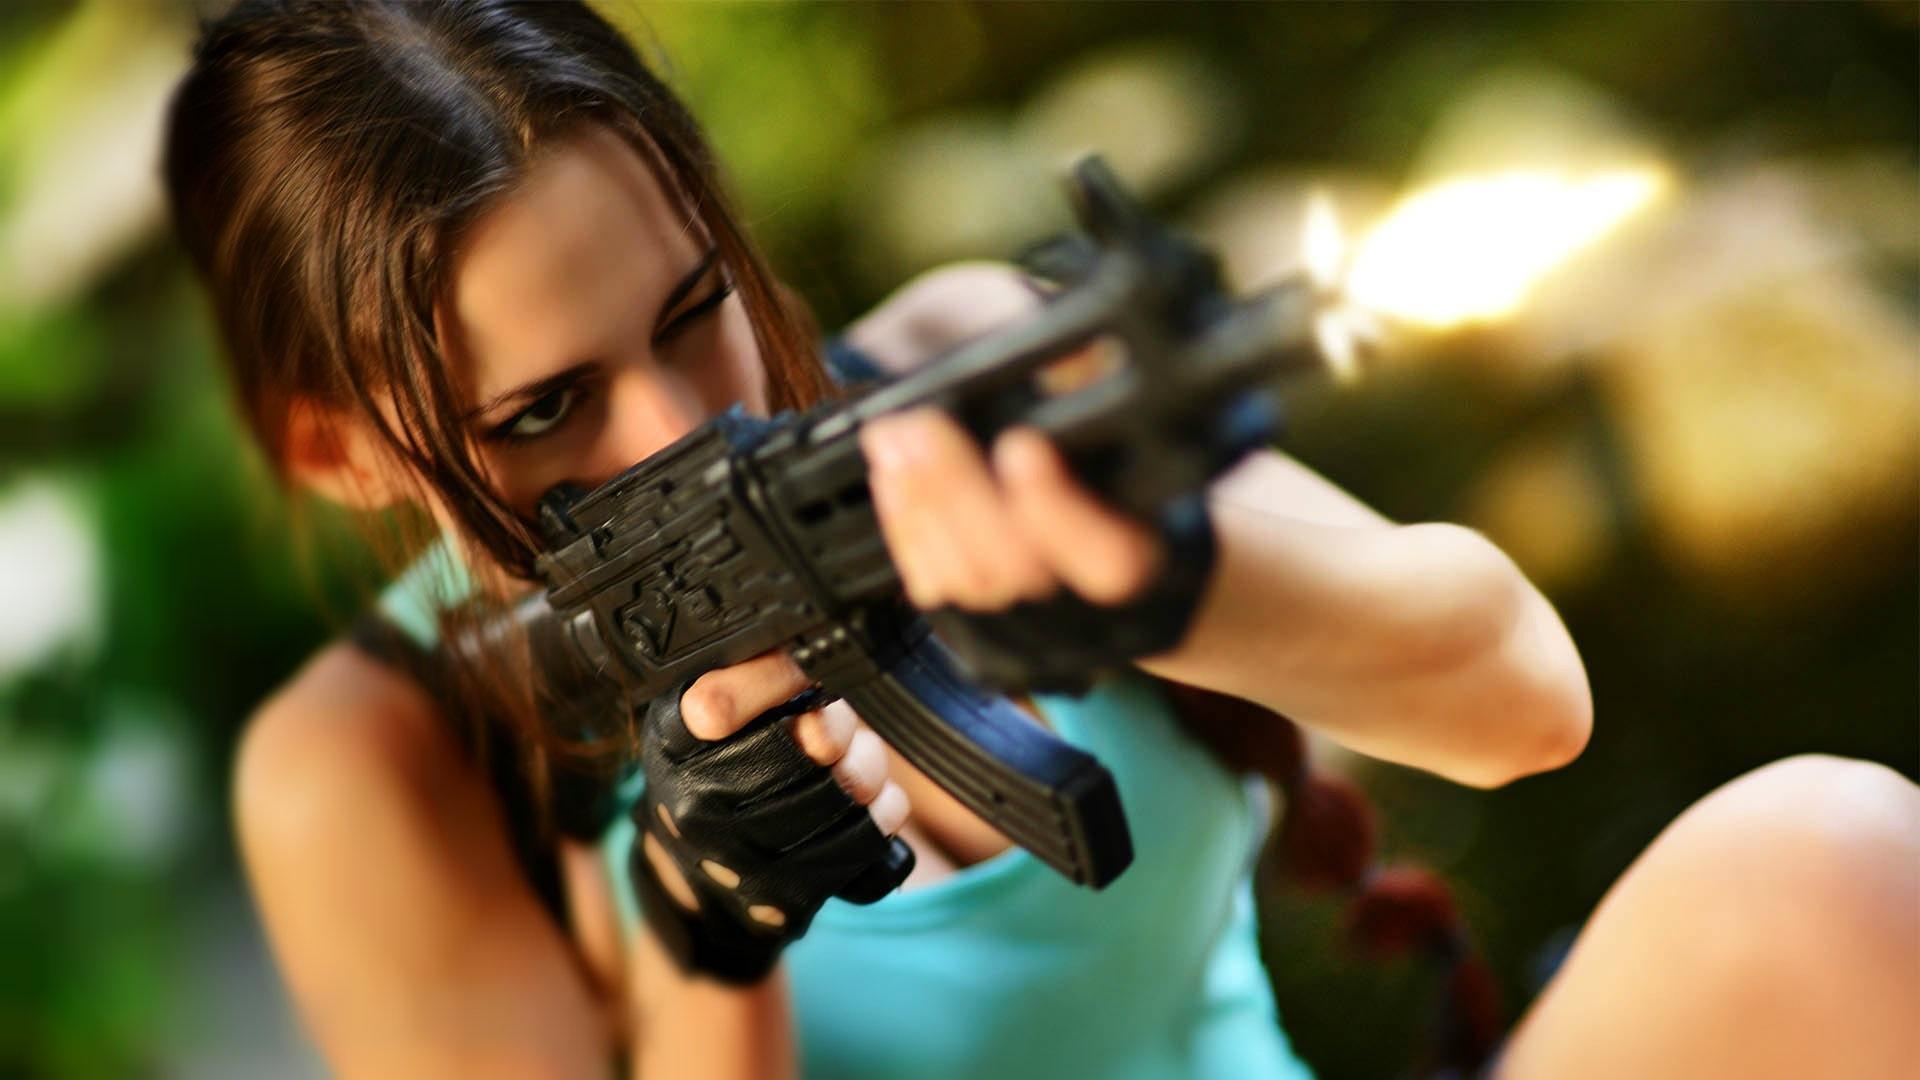 Картинки девушки с оружием в руках